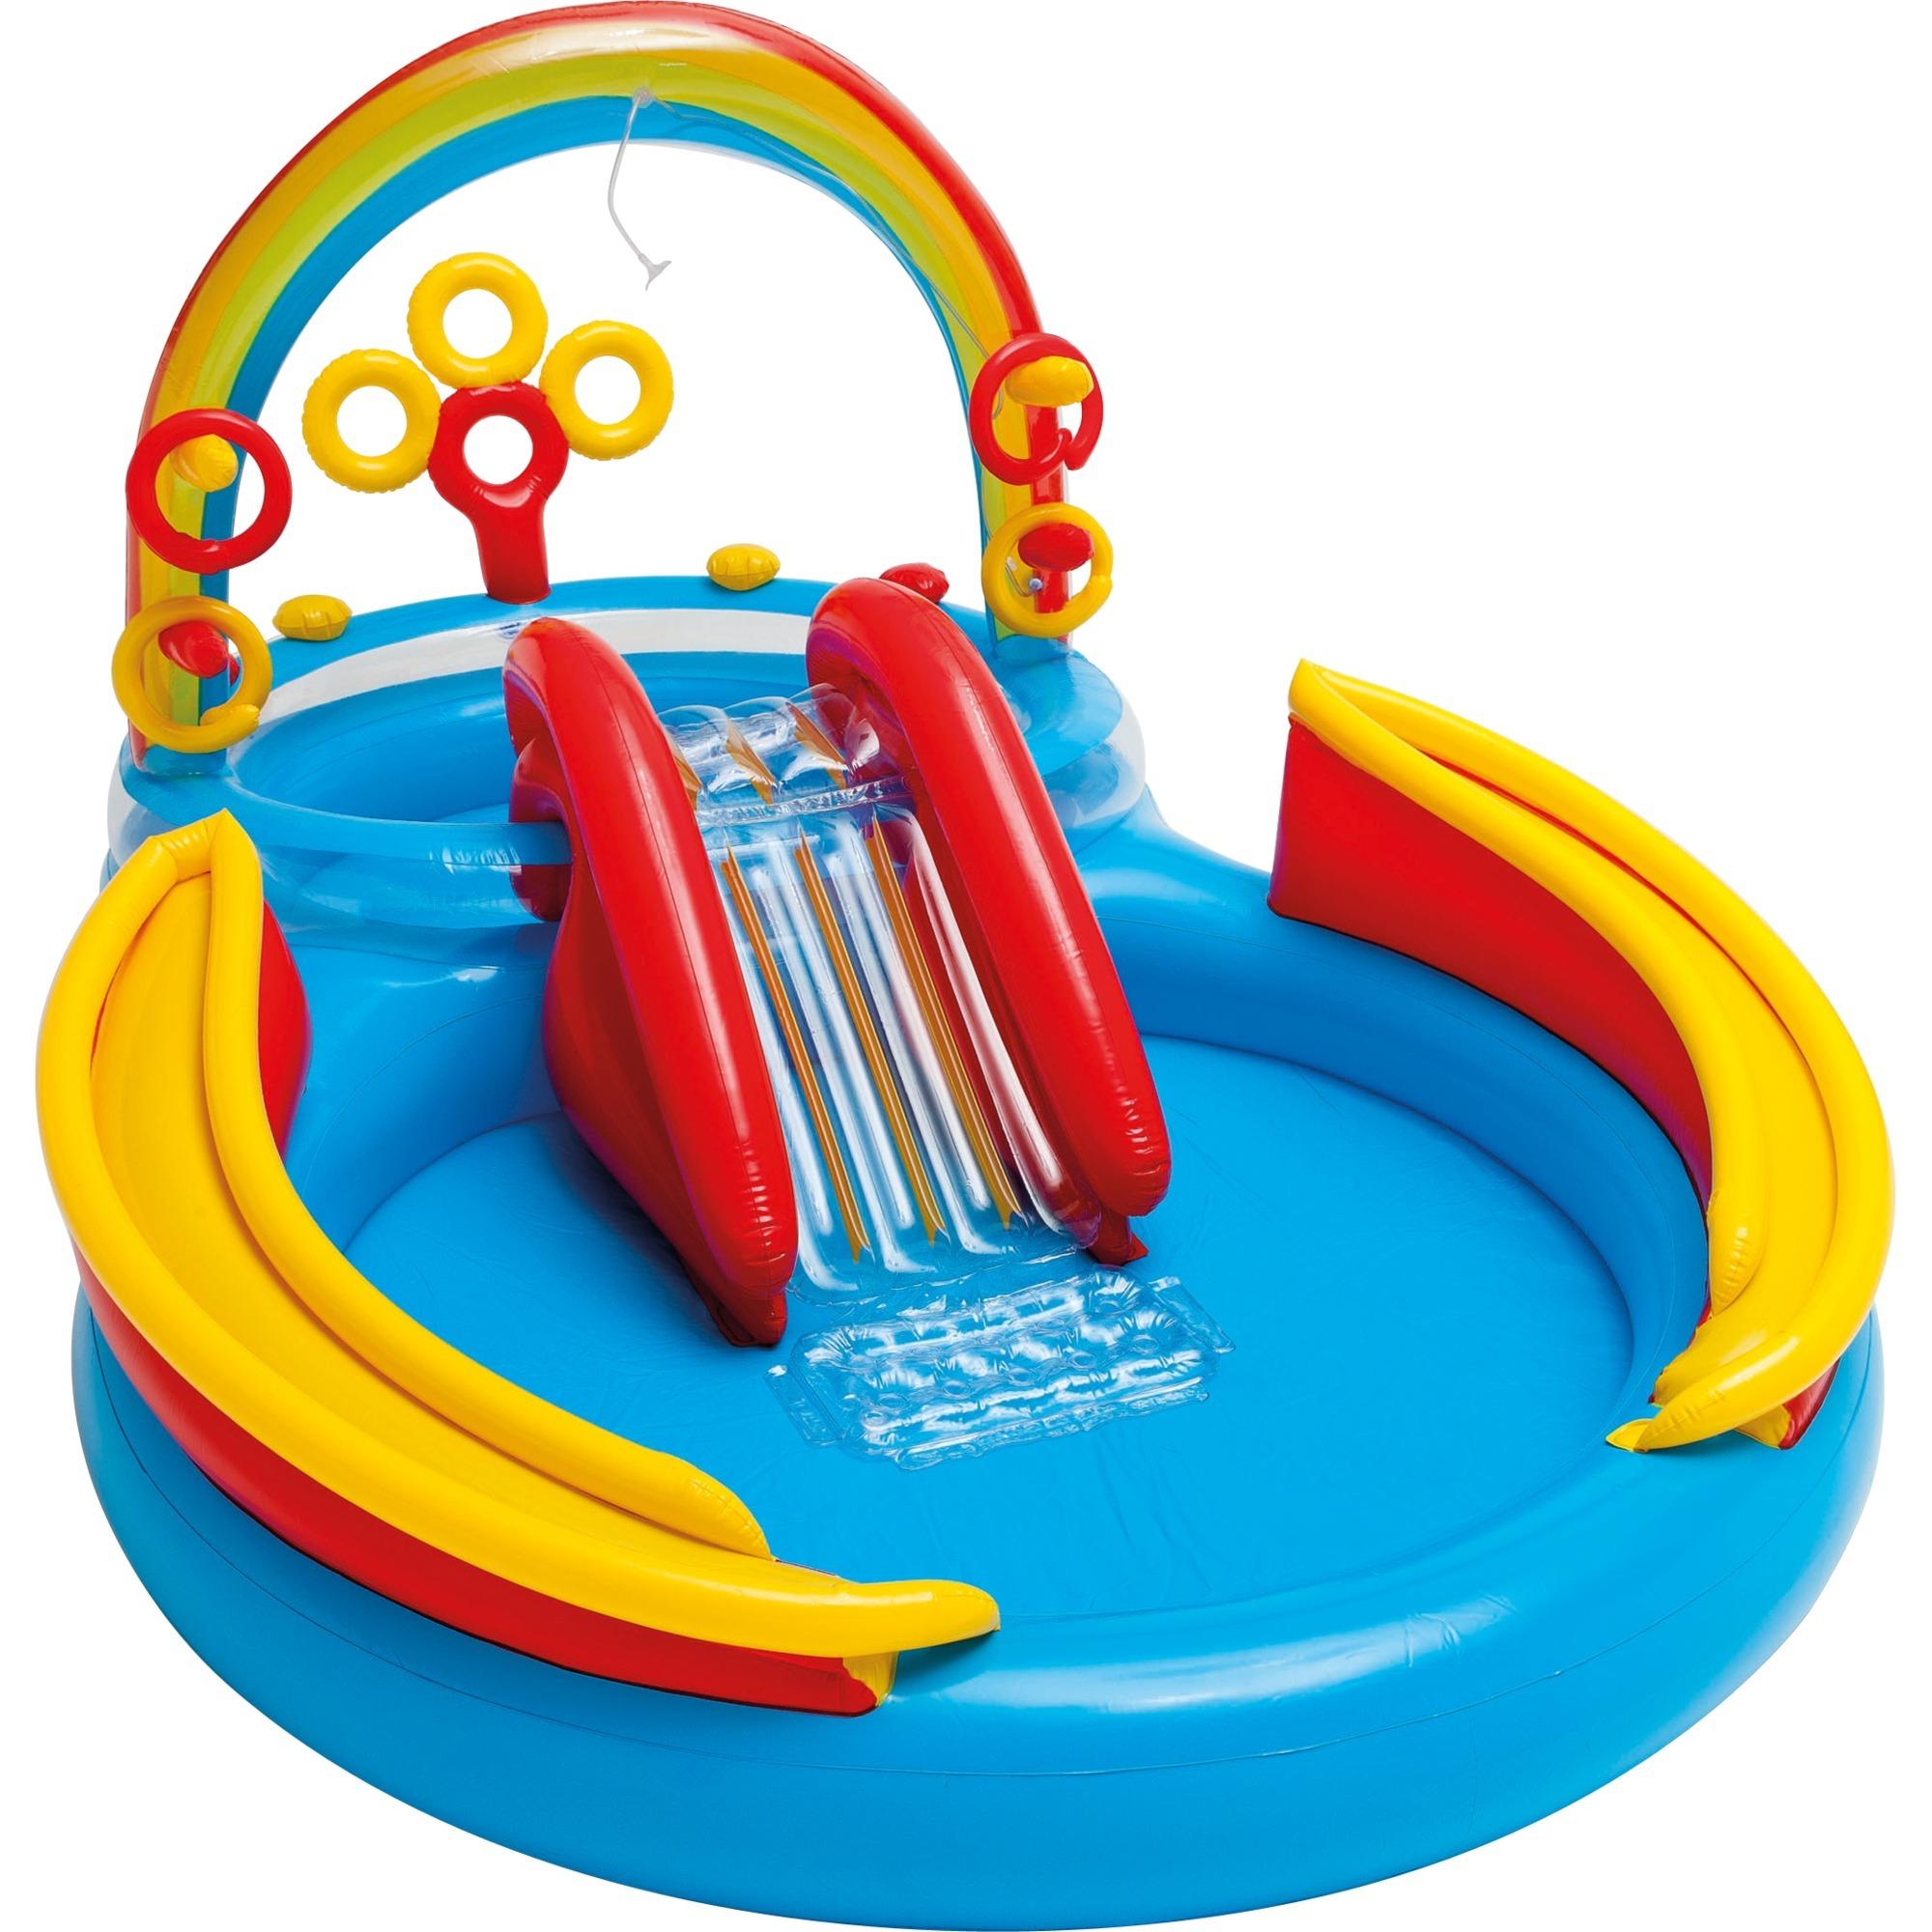 Parco gioco intex jungle play prezzi migliori offerte for Gioco di piscine